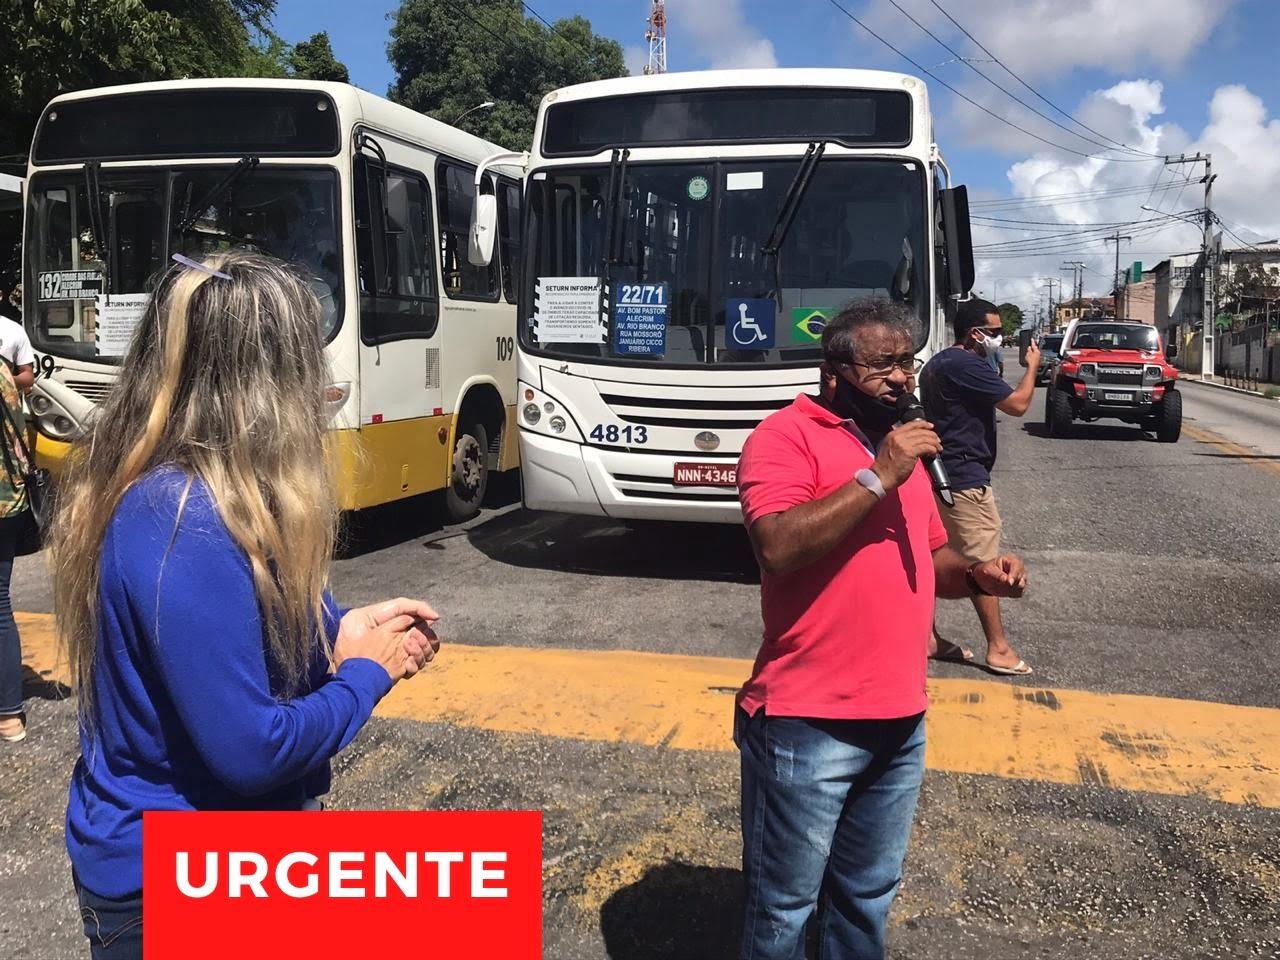 Sindicato dos Motoristas anuncia greve de ônibus em Natal